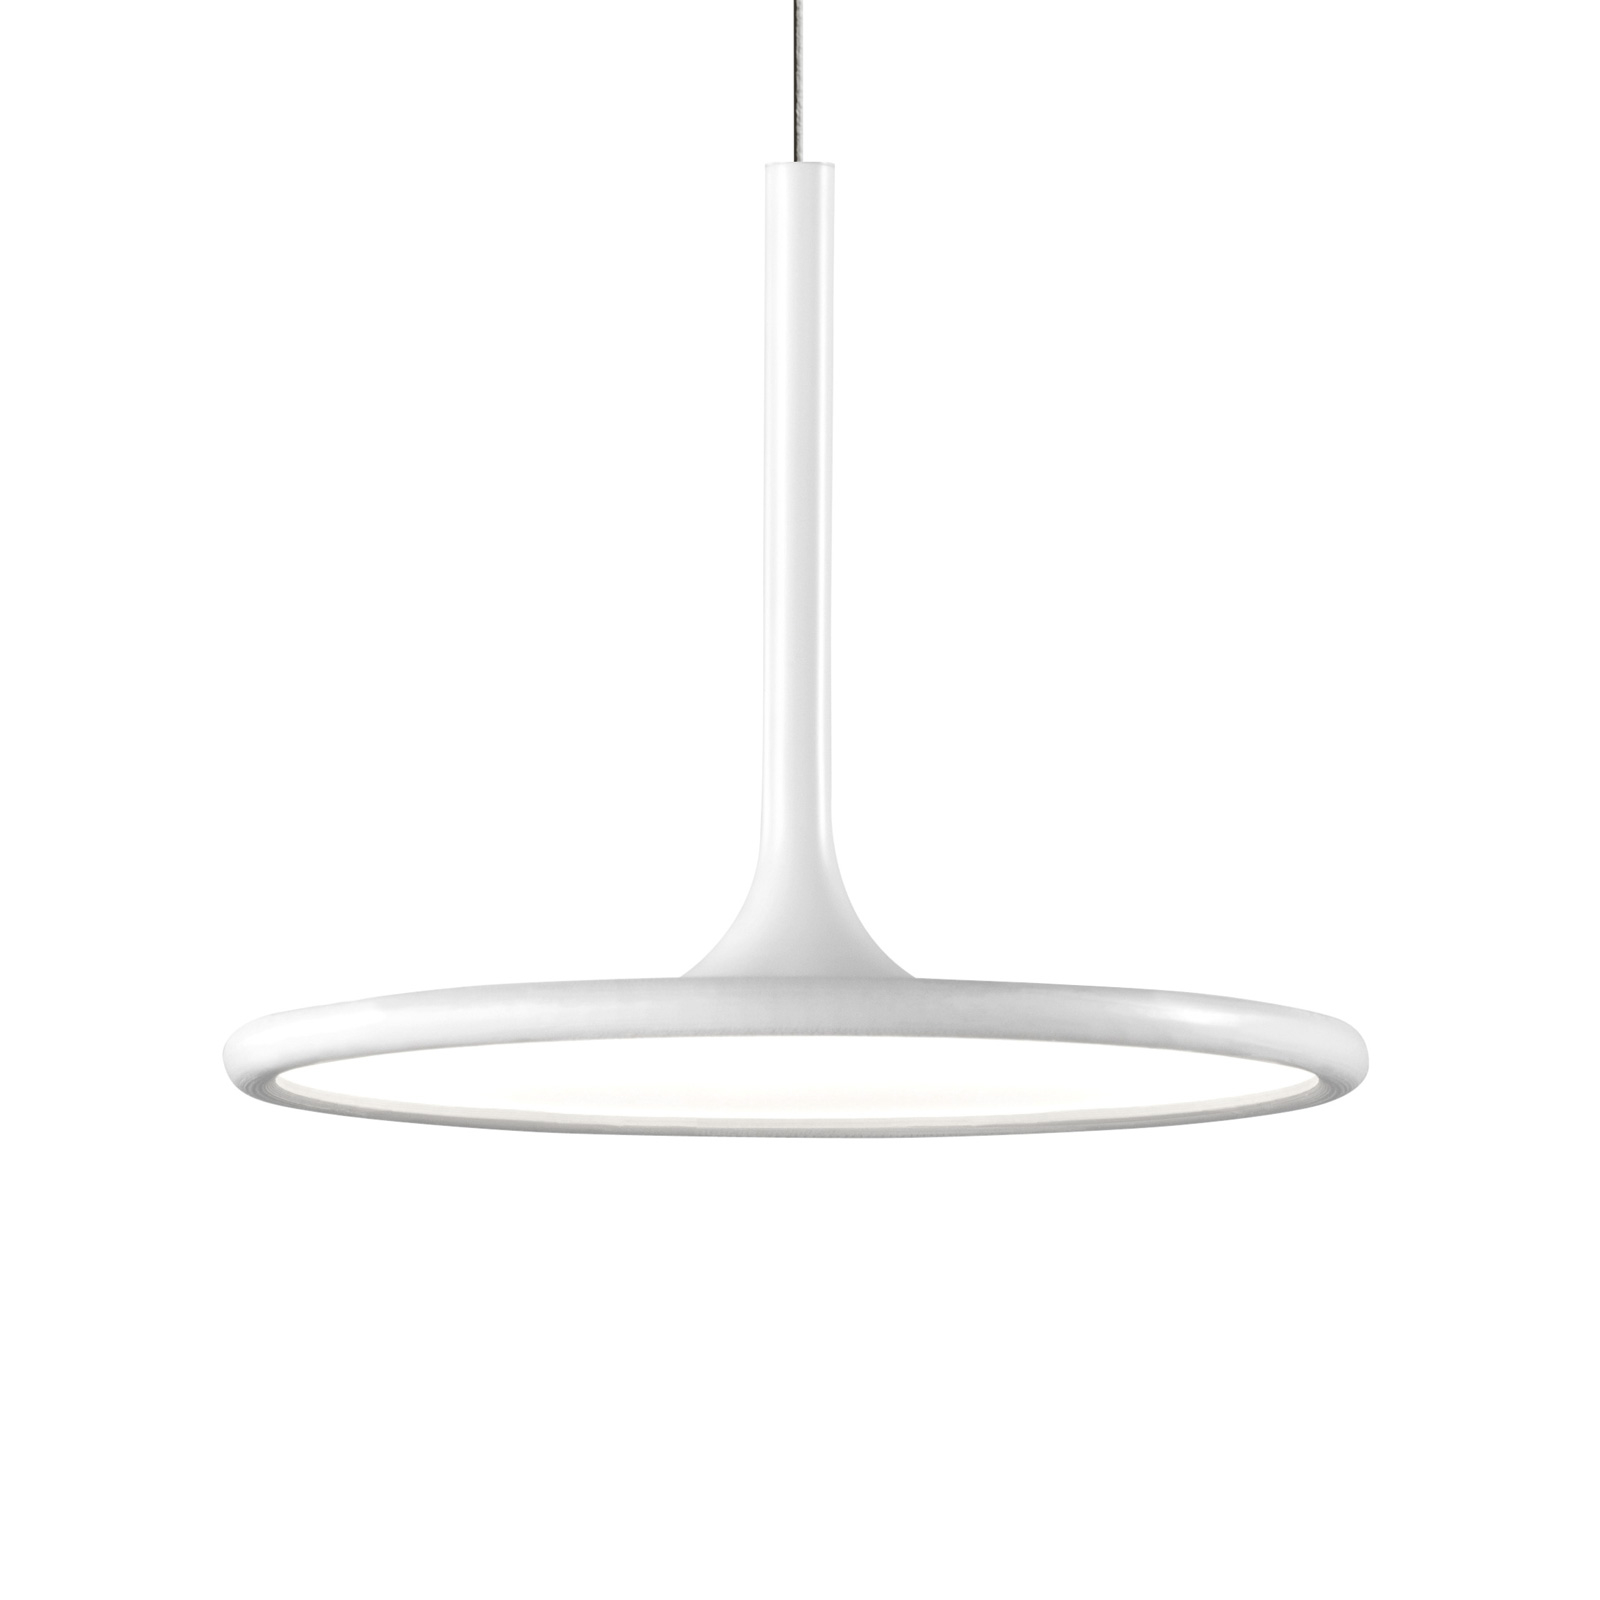 Grok Net LED-hængelmape i mat hvid, Ø 25 cm